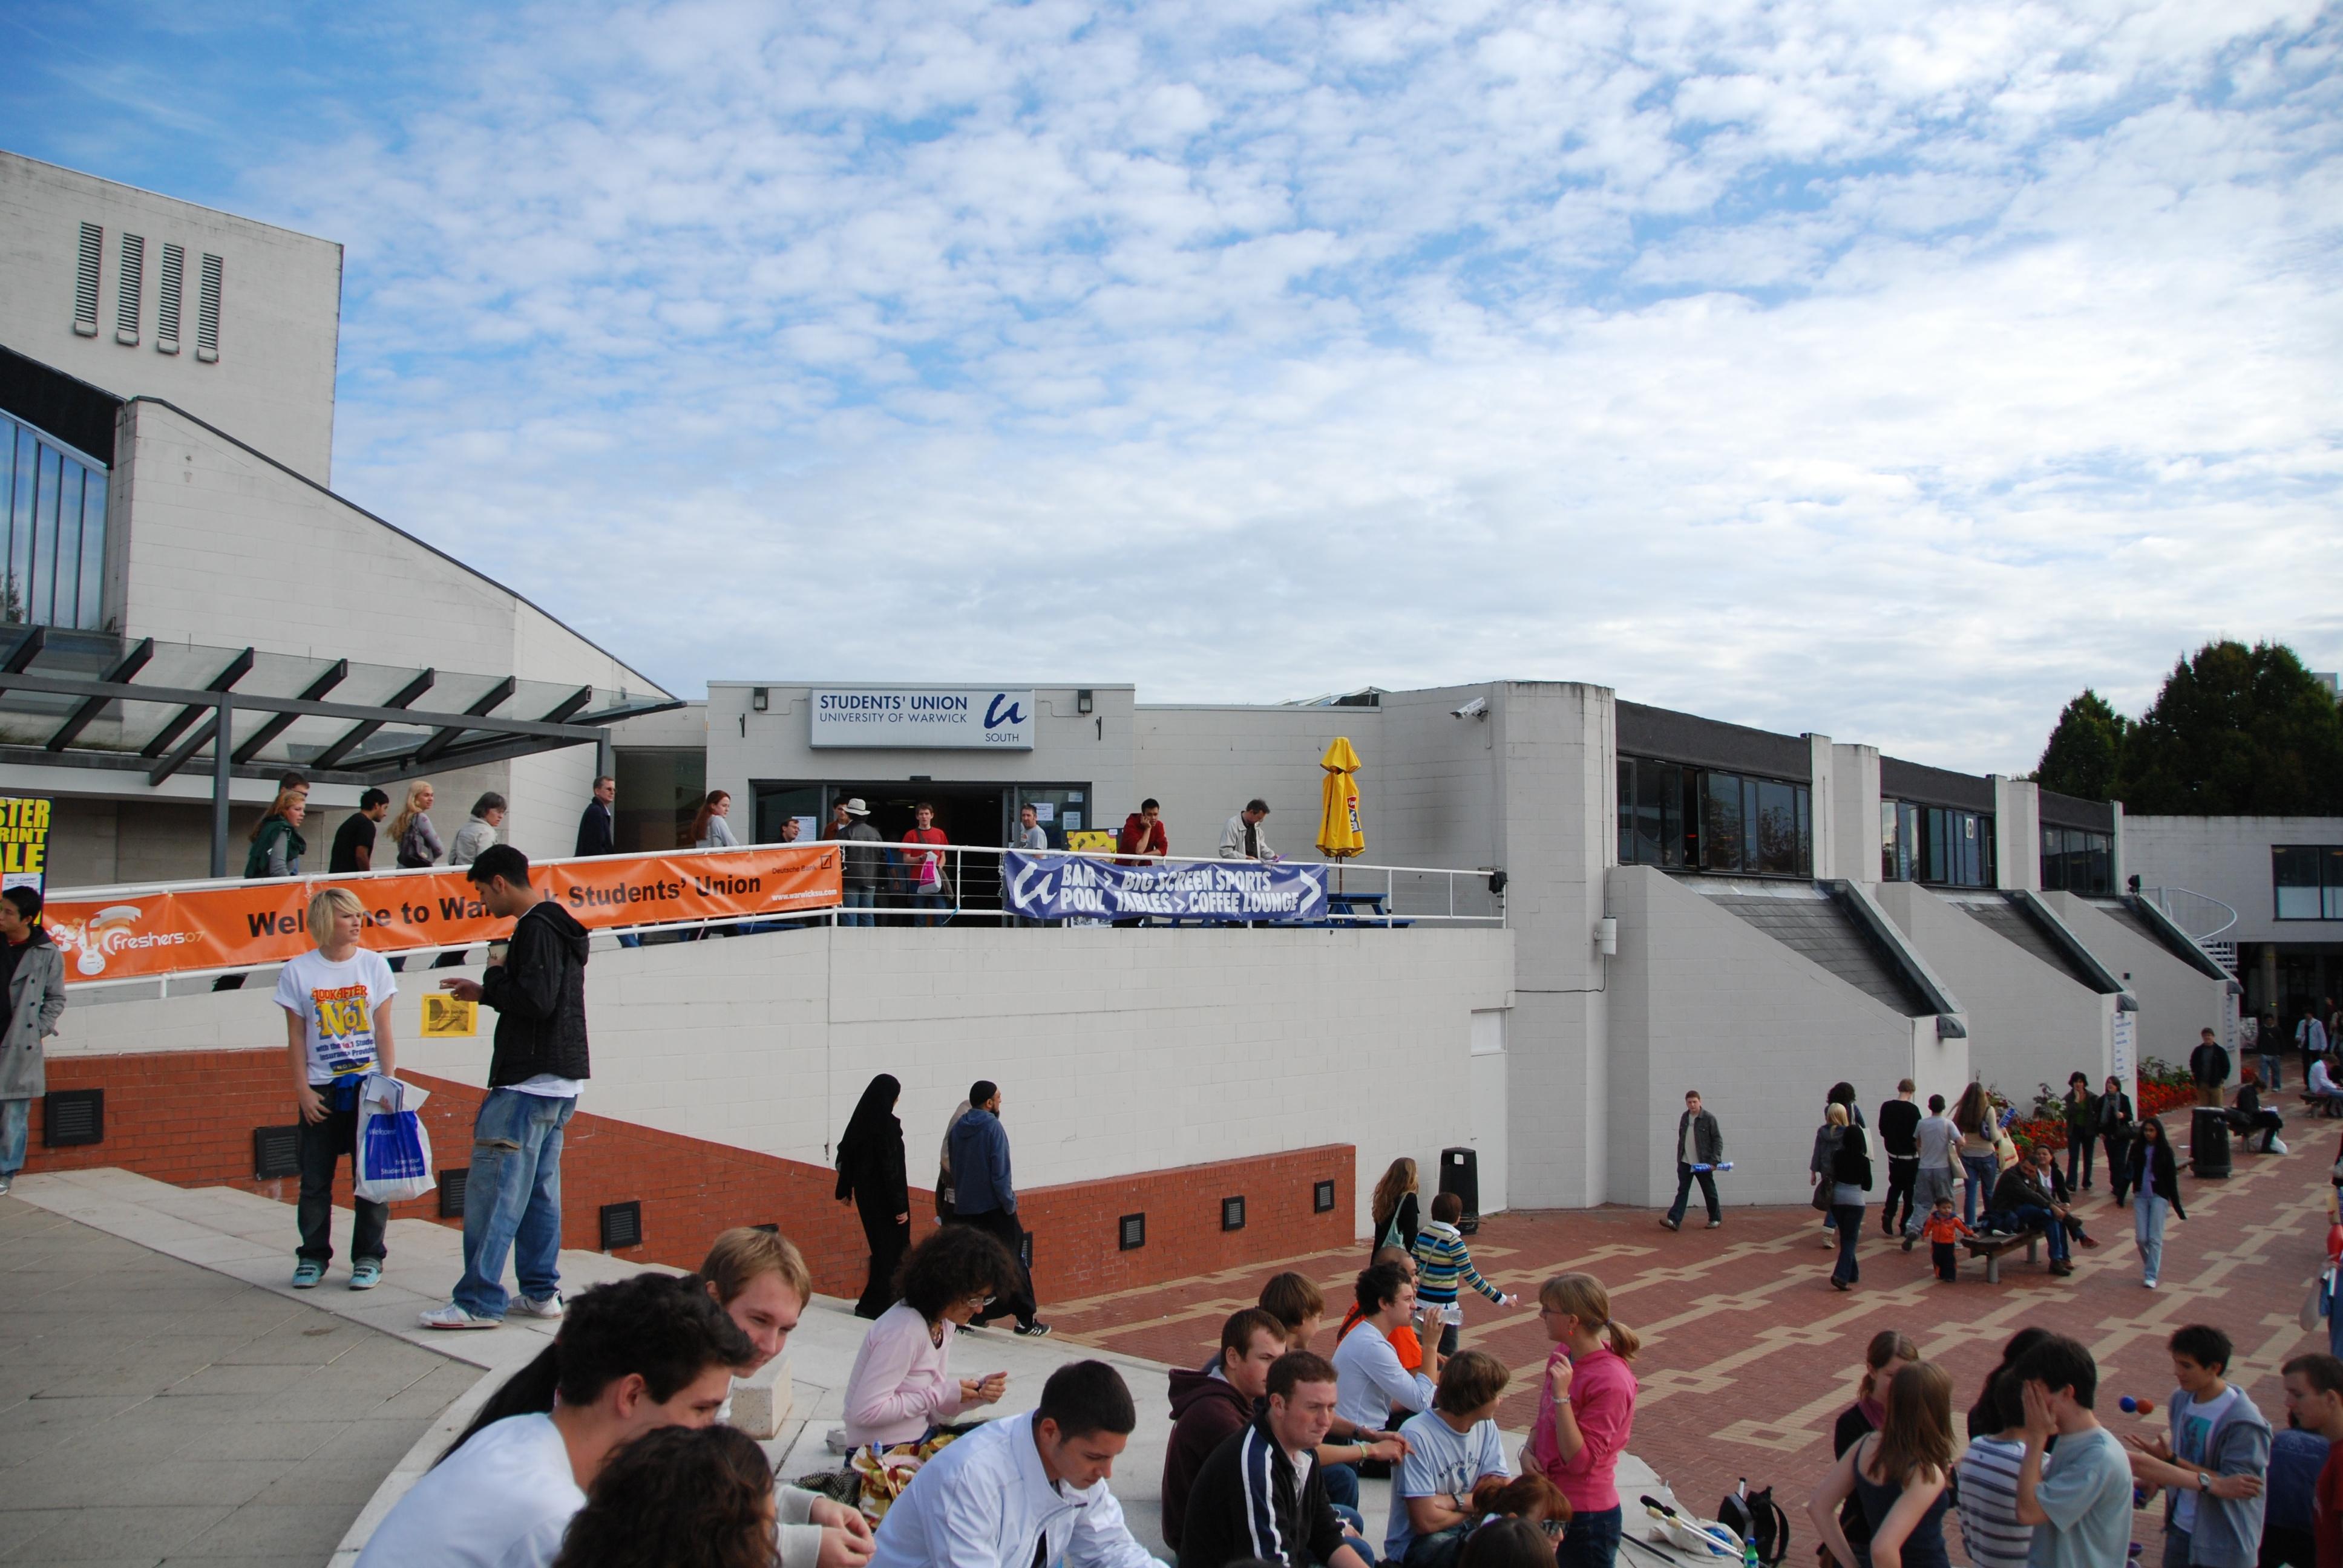 File Students Union At Warwick University Feb 2008 Jpg